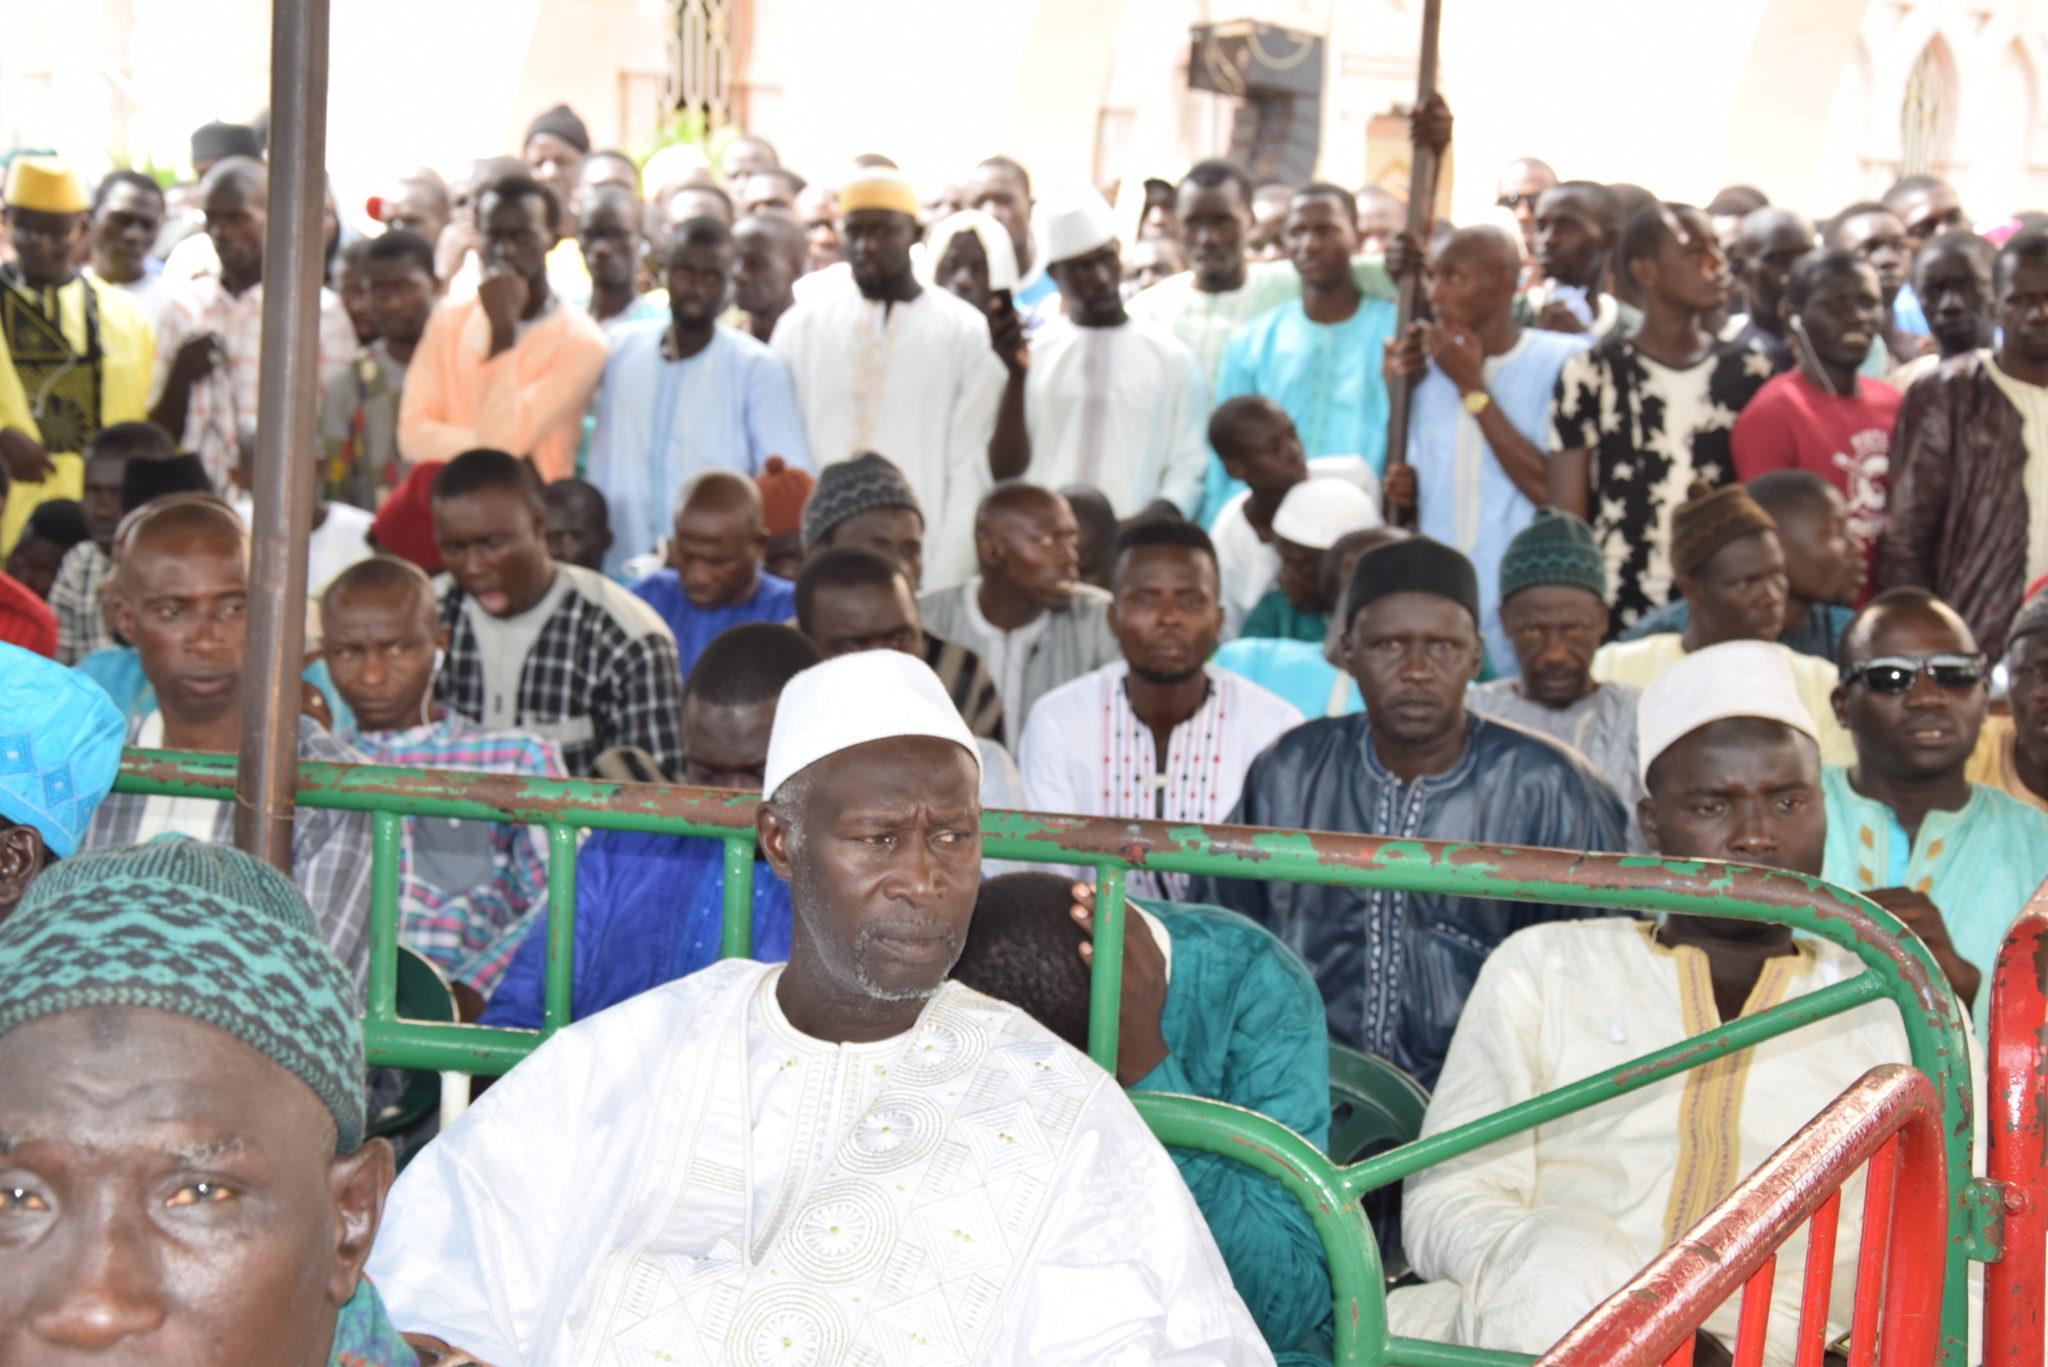 (20 Photos) – Tivaouane: en direct de la cérémonie du 3ème jour du décès de Al Amine